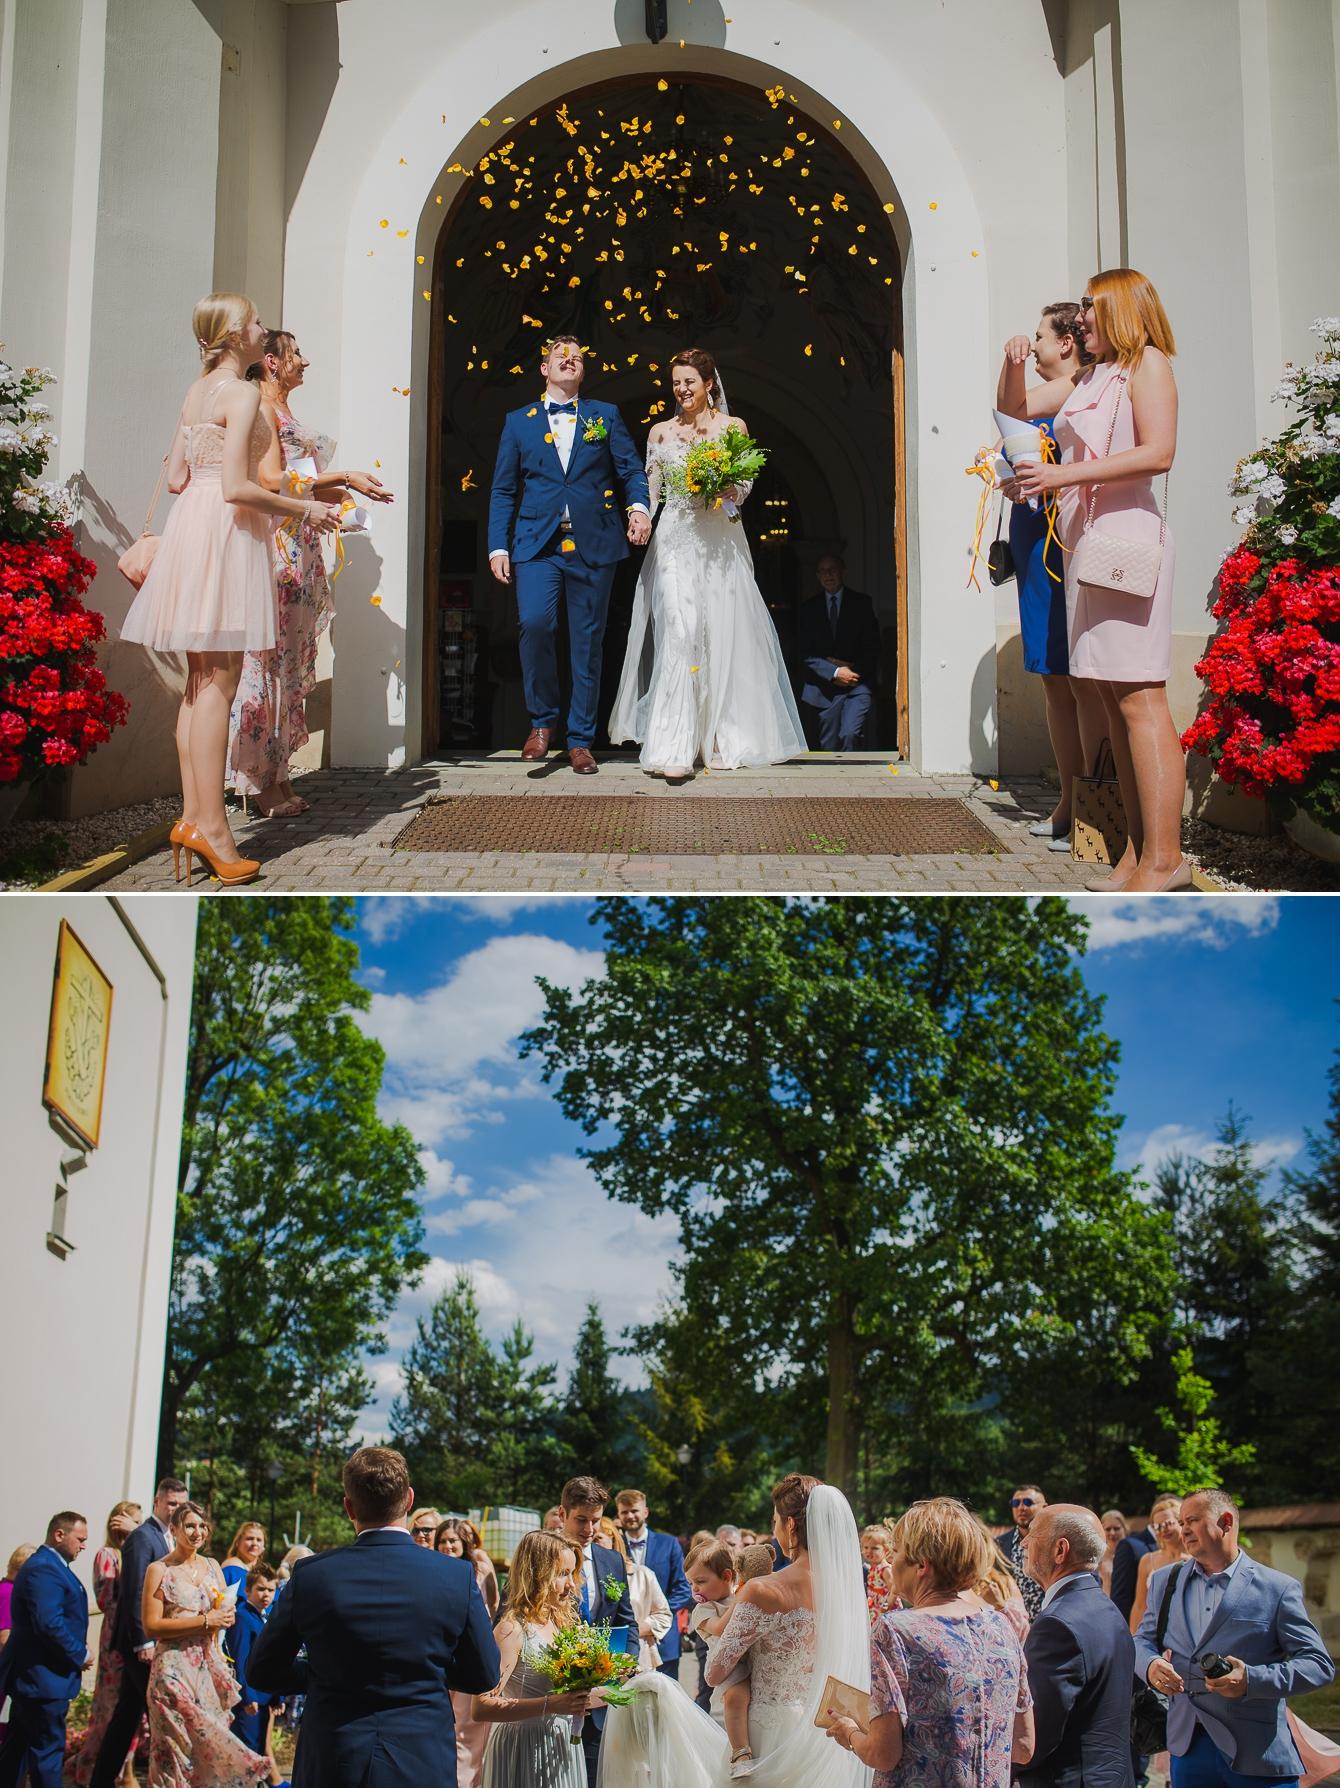 Ania i Damian - ślub w górach - Kocierz SPA - fotografia ślubna - bartek Wyrobek  (12).jpg